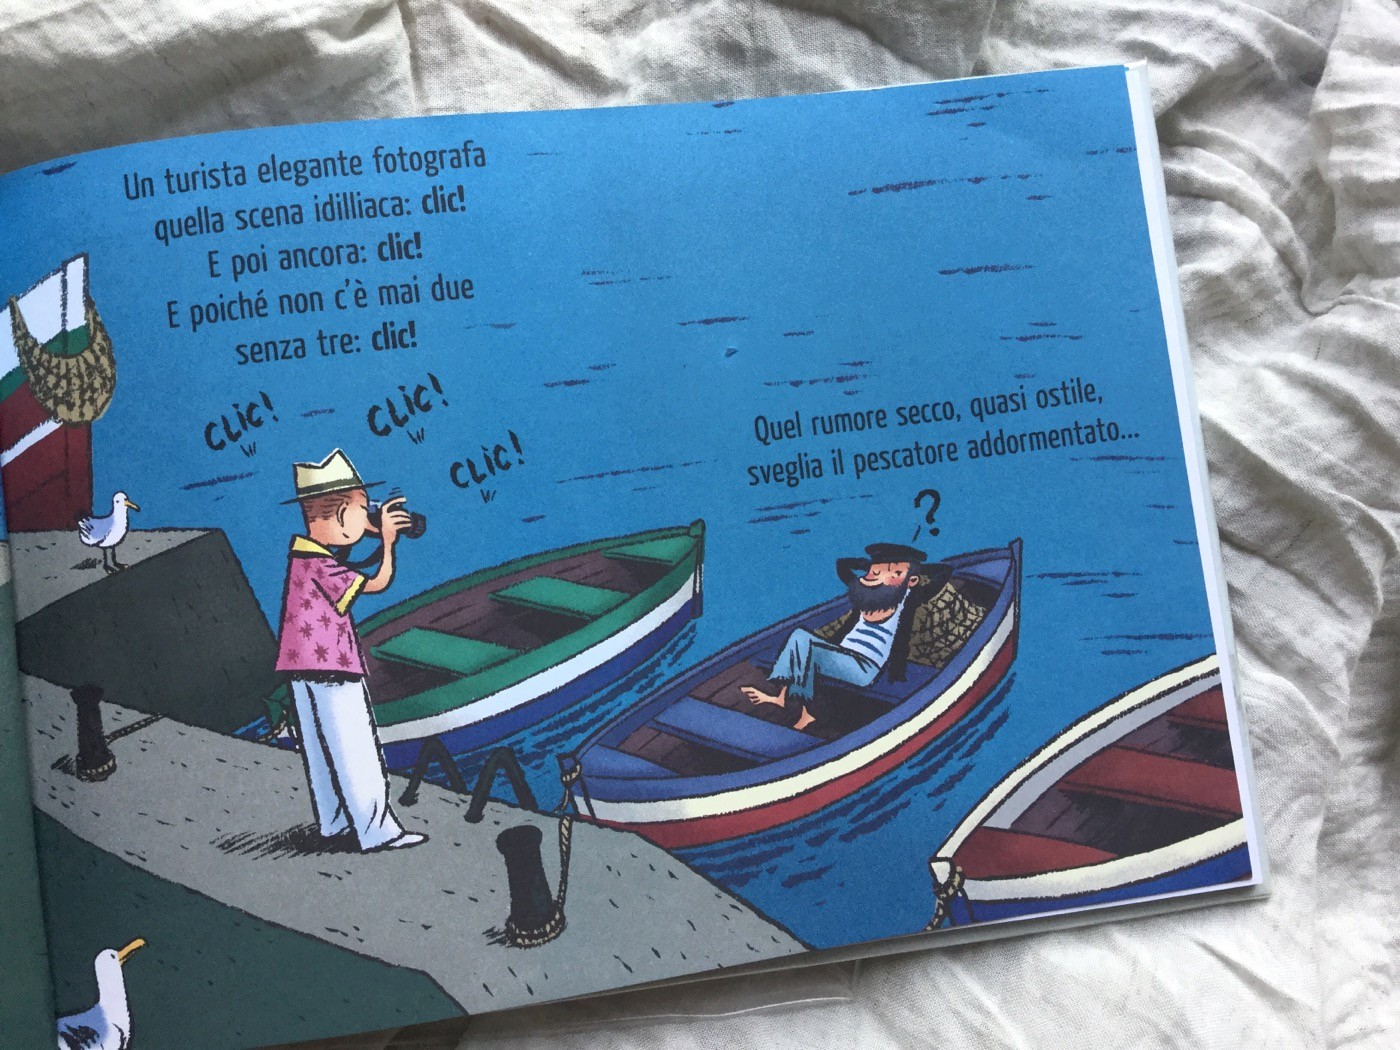 Lezione_pesca_Heinrich_Böll_Émile_Bravo_Bao_Publishing_Galline_Volanti